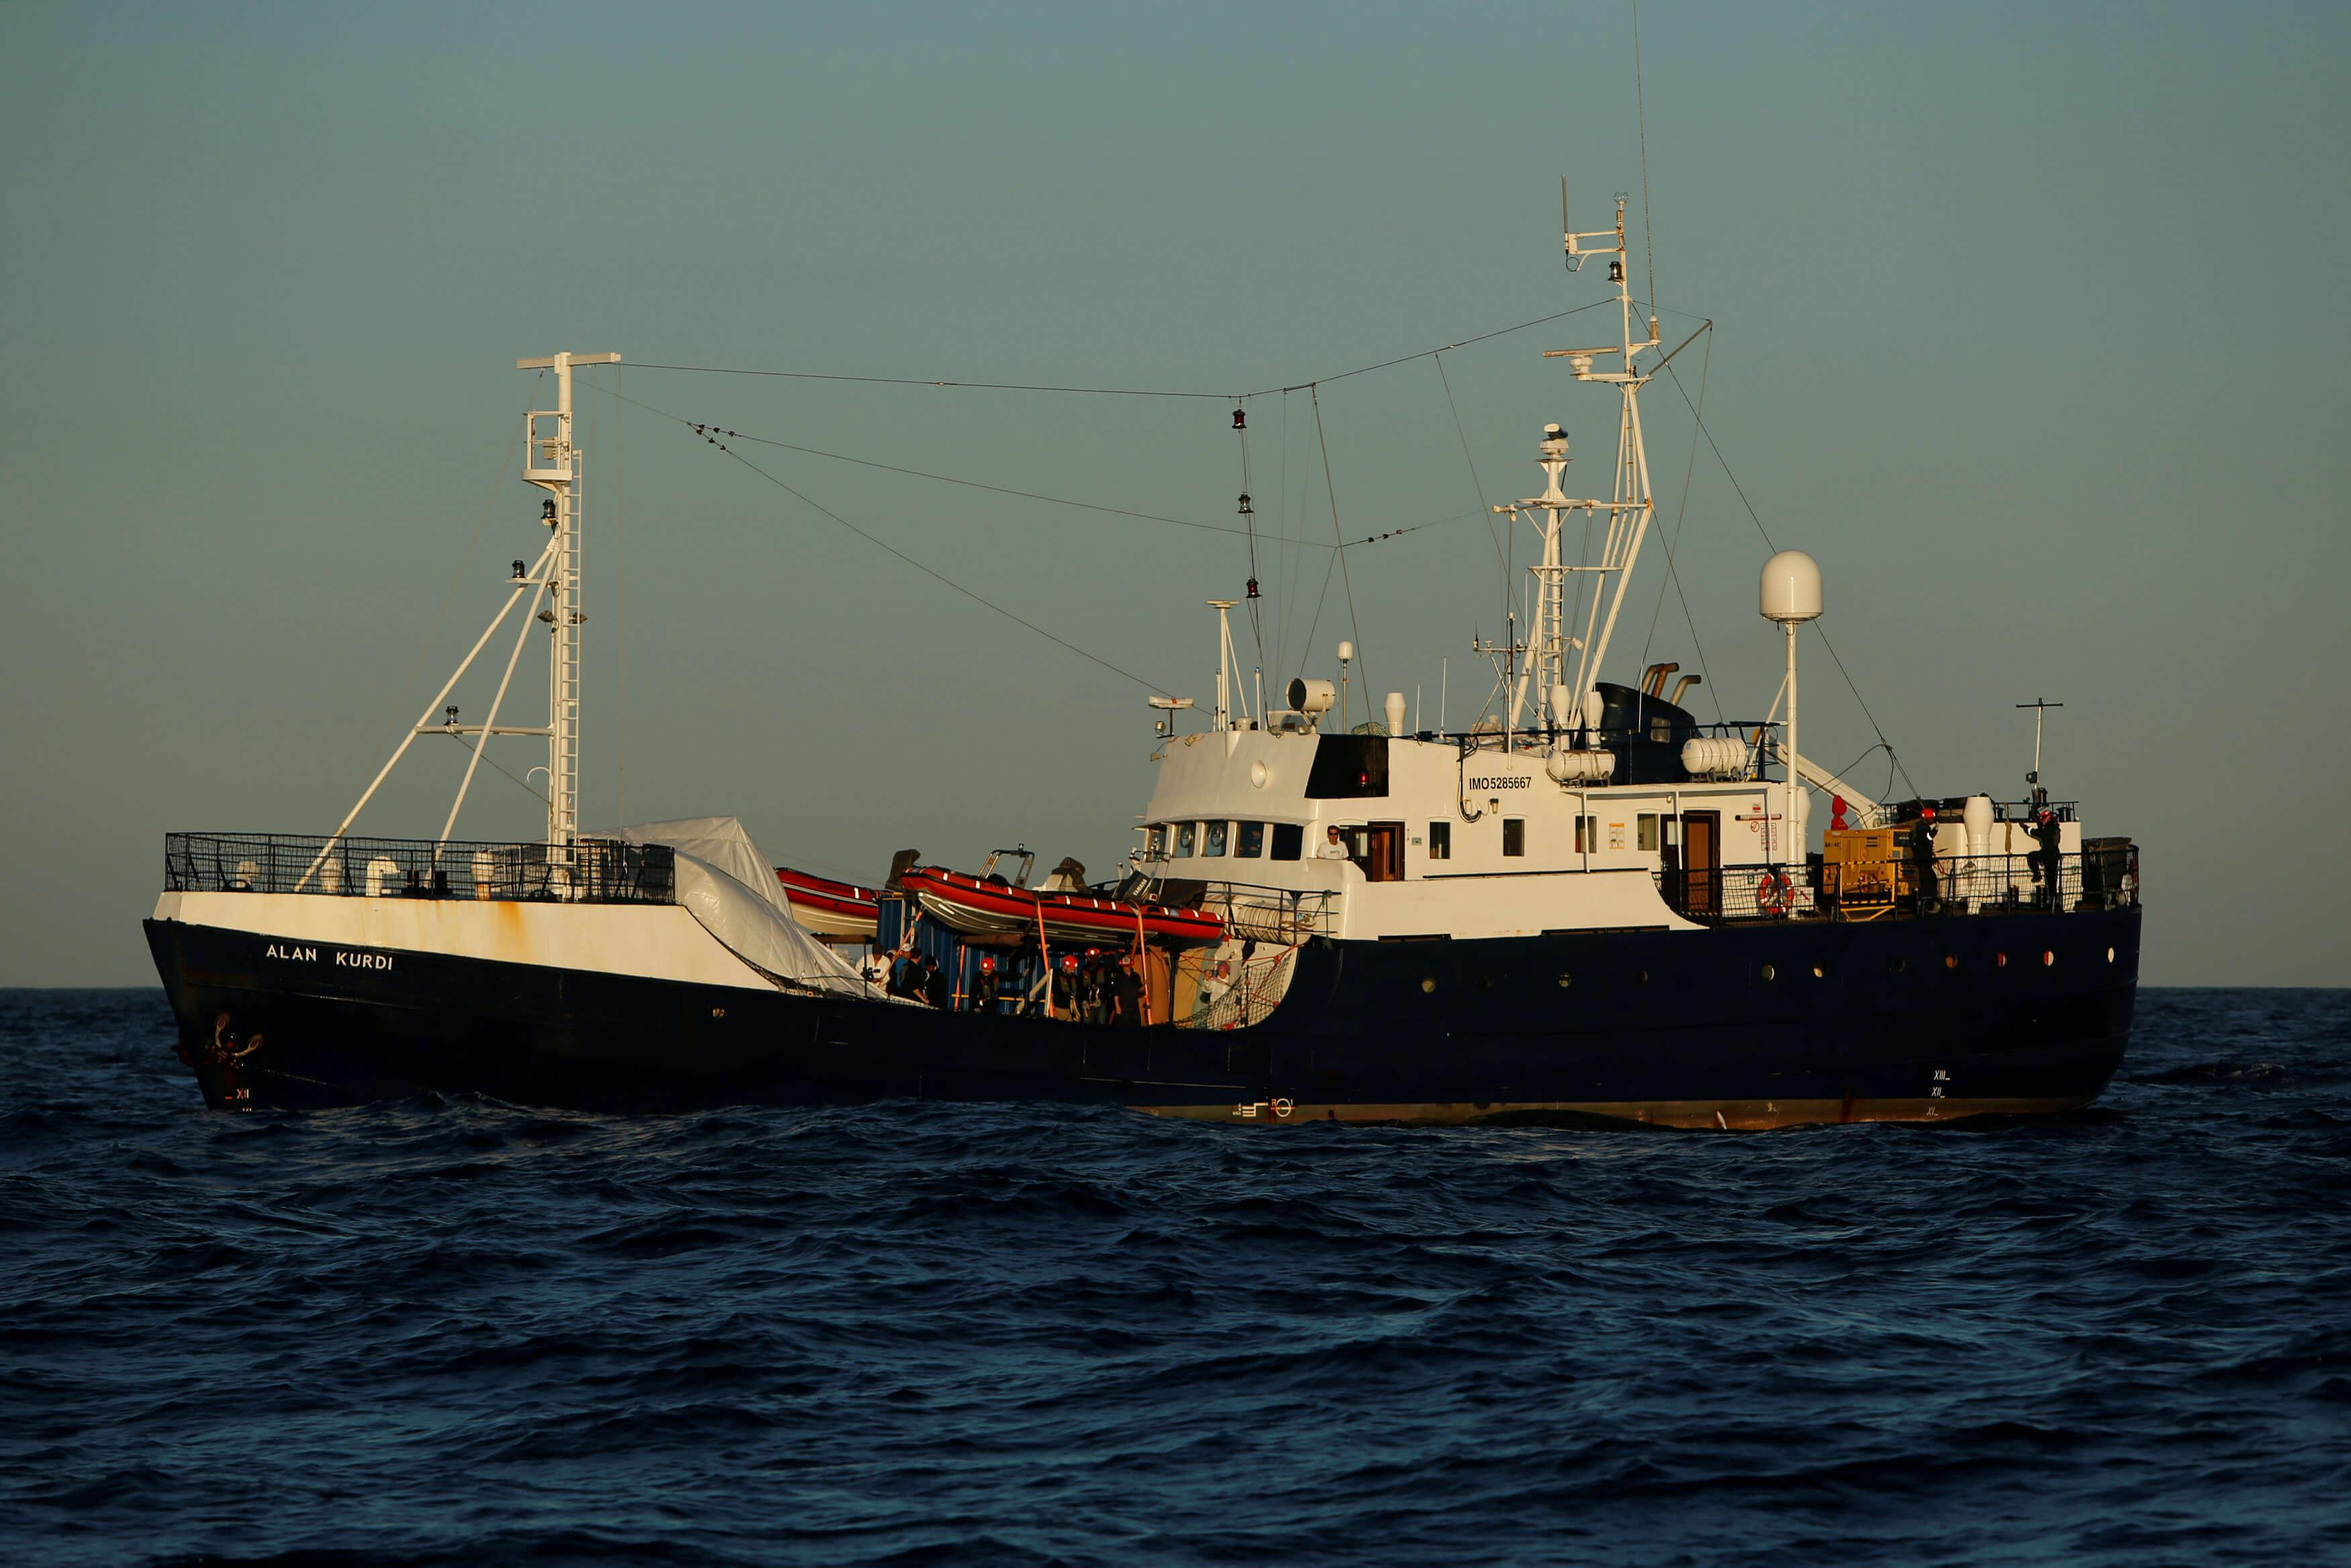 Έτοιμη να υποδεχθεί 20 μετανάστες του πλοίου Alan Kurdi η Γαλλία